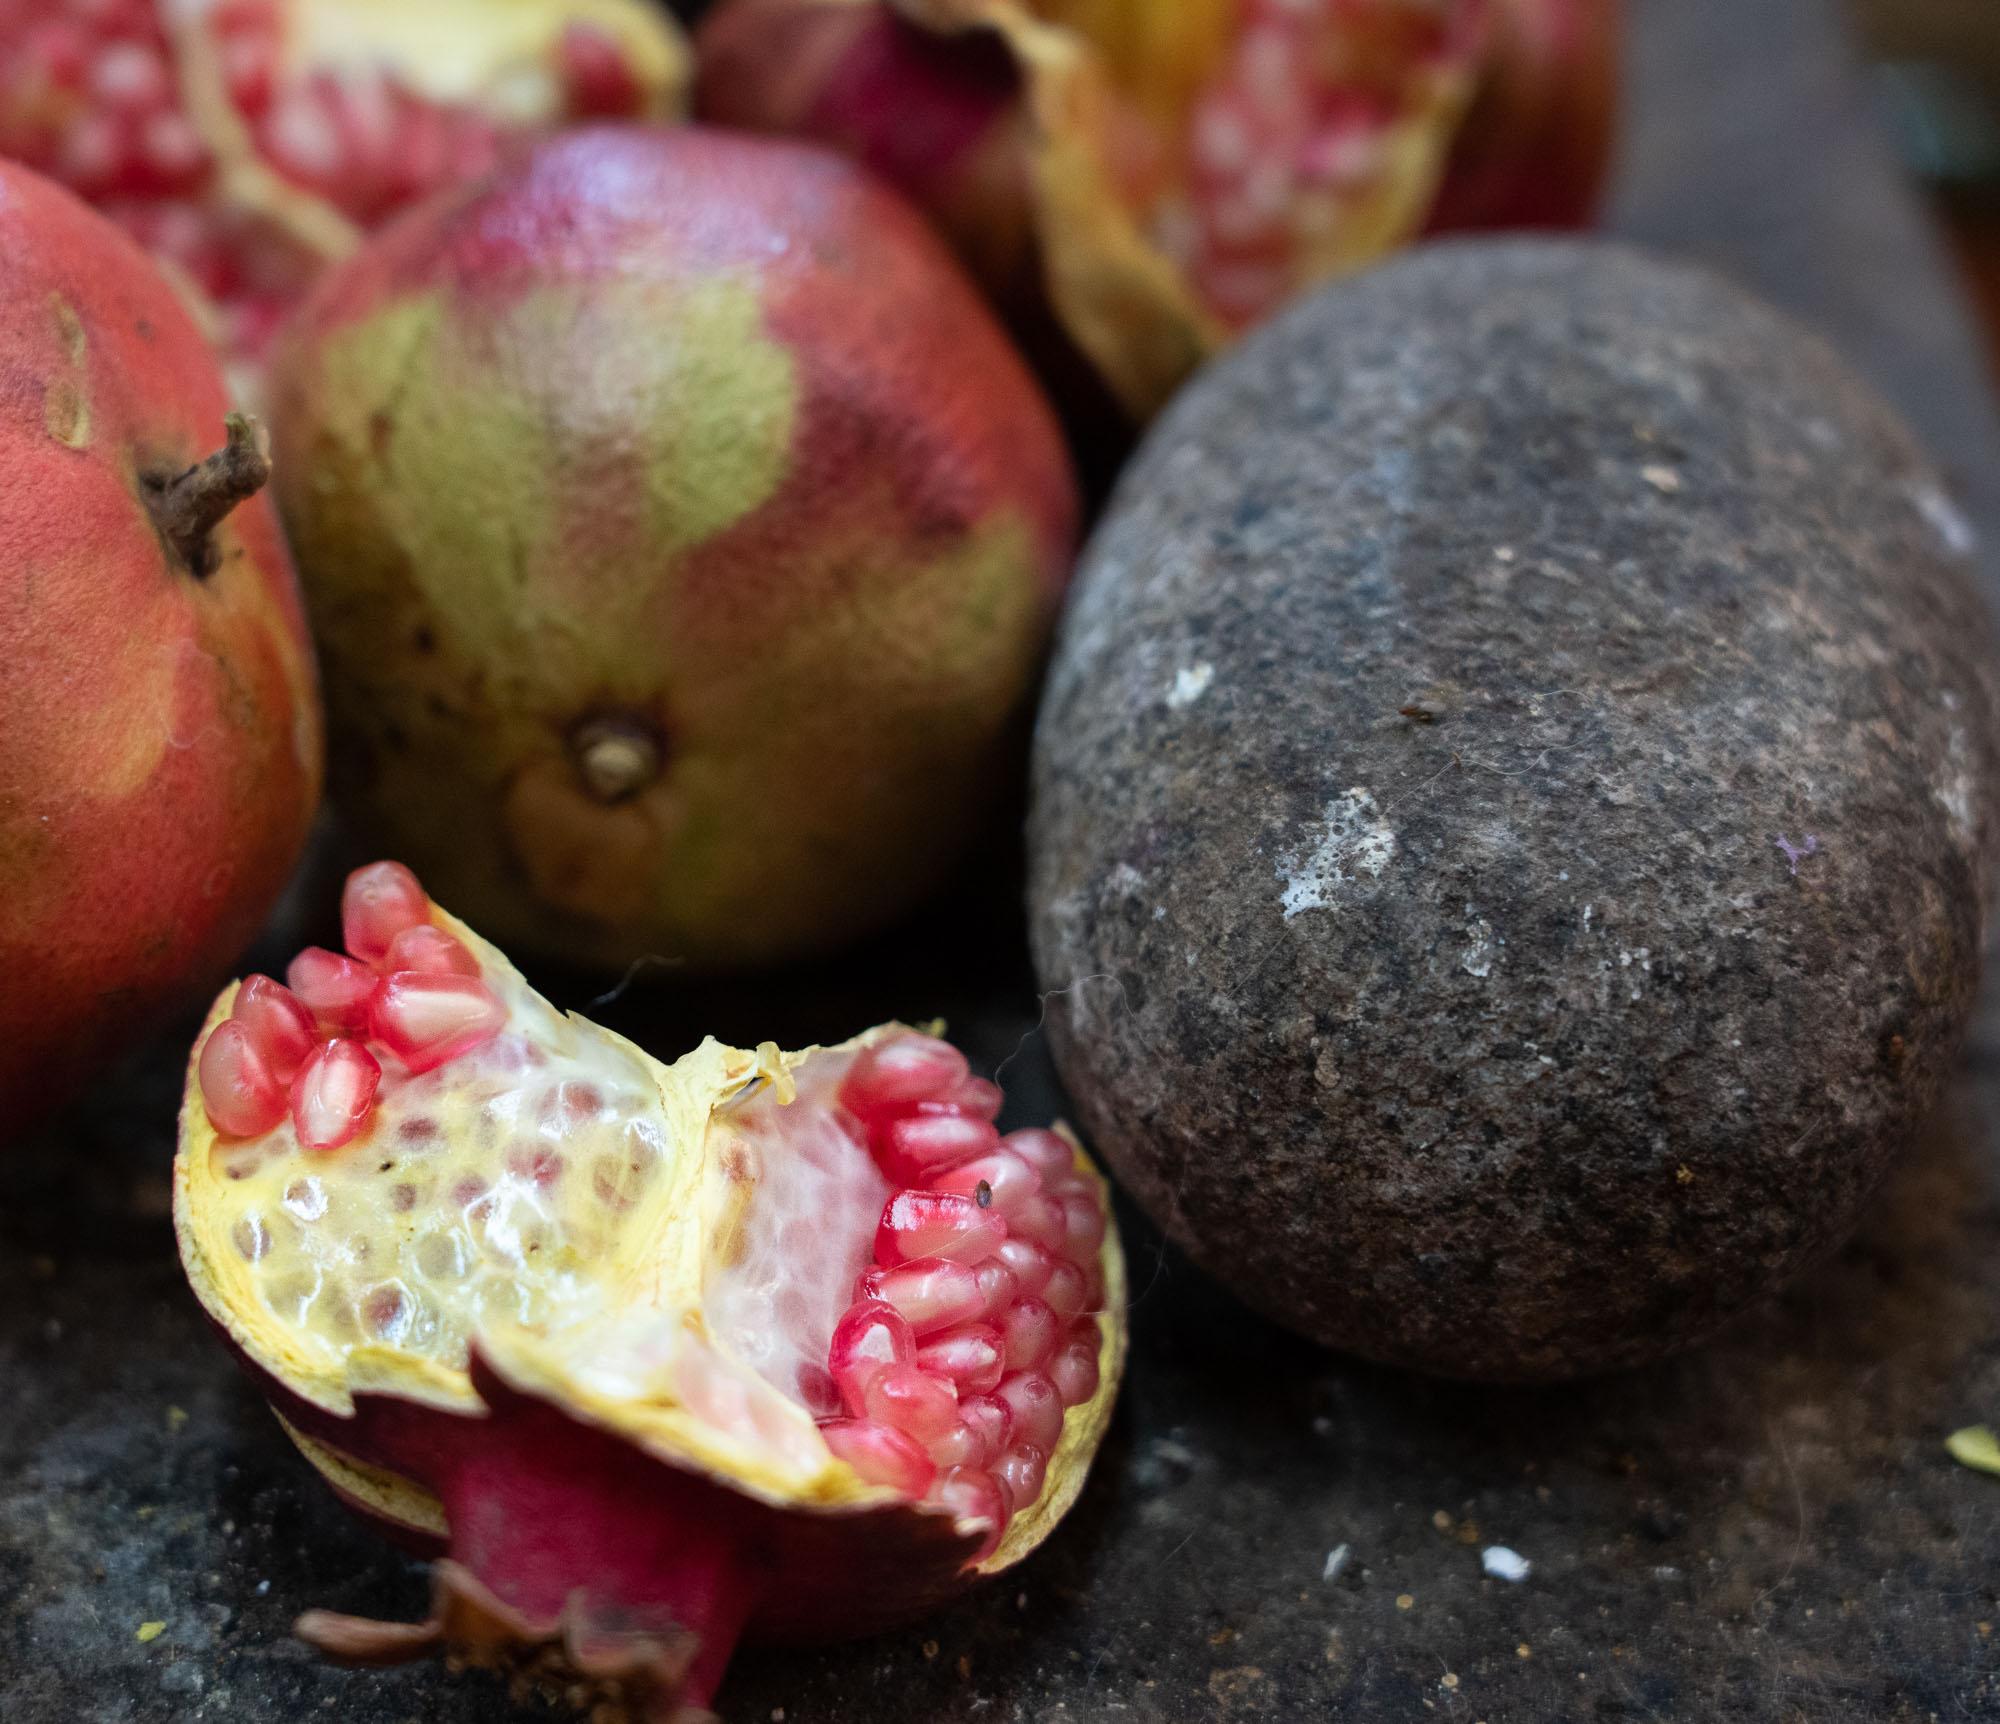 pomegranate for dye_DSC0667.jpg